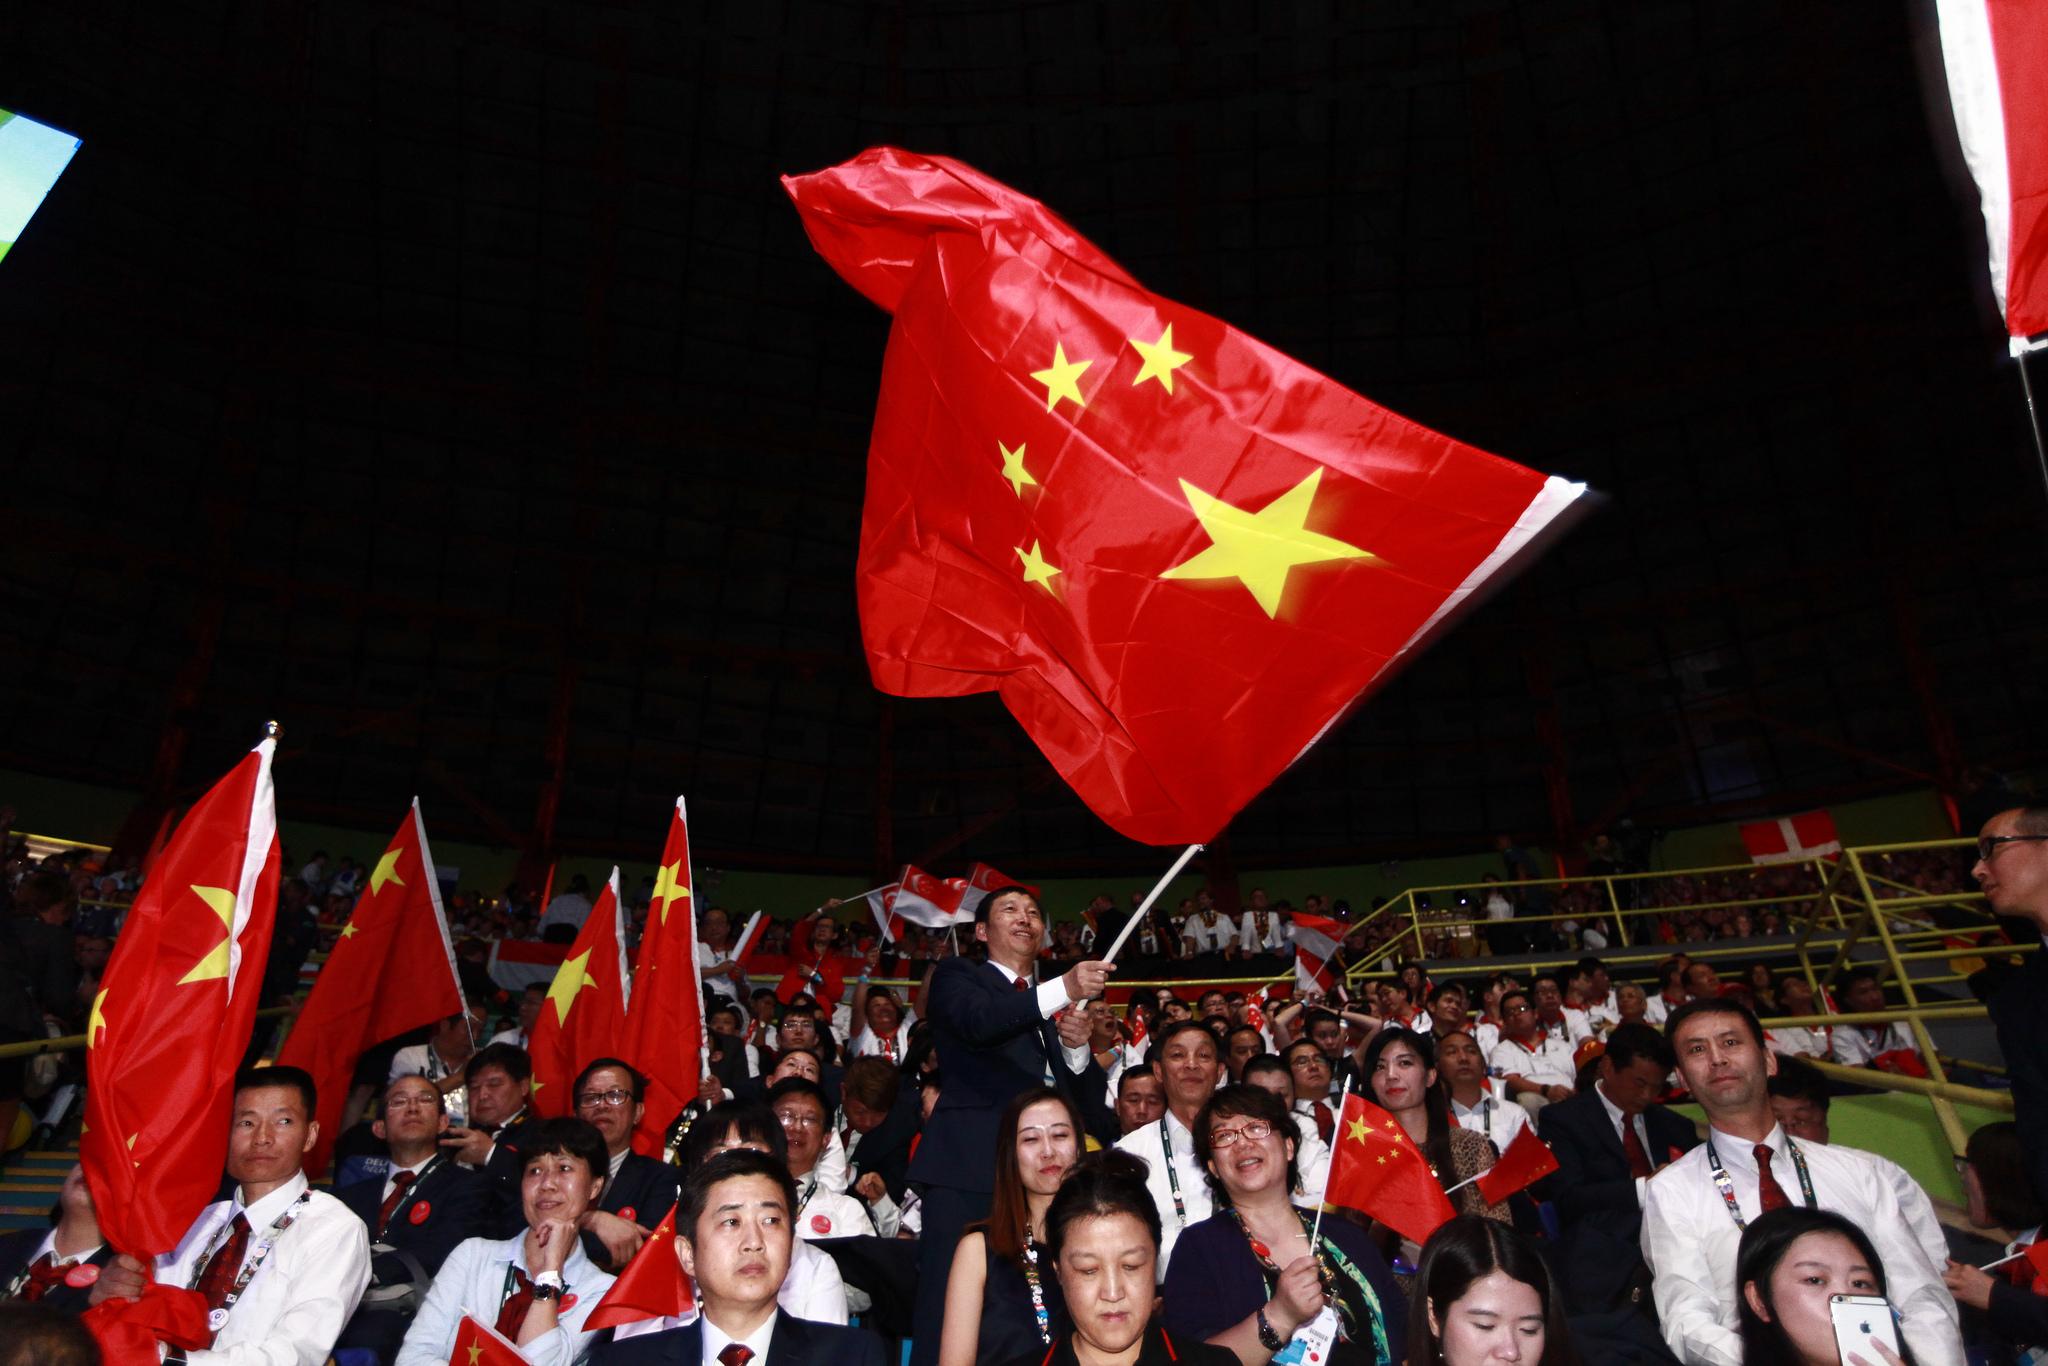 中國國際賽。(圖/技職3.0資料庫)